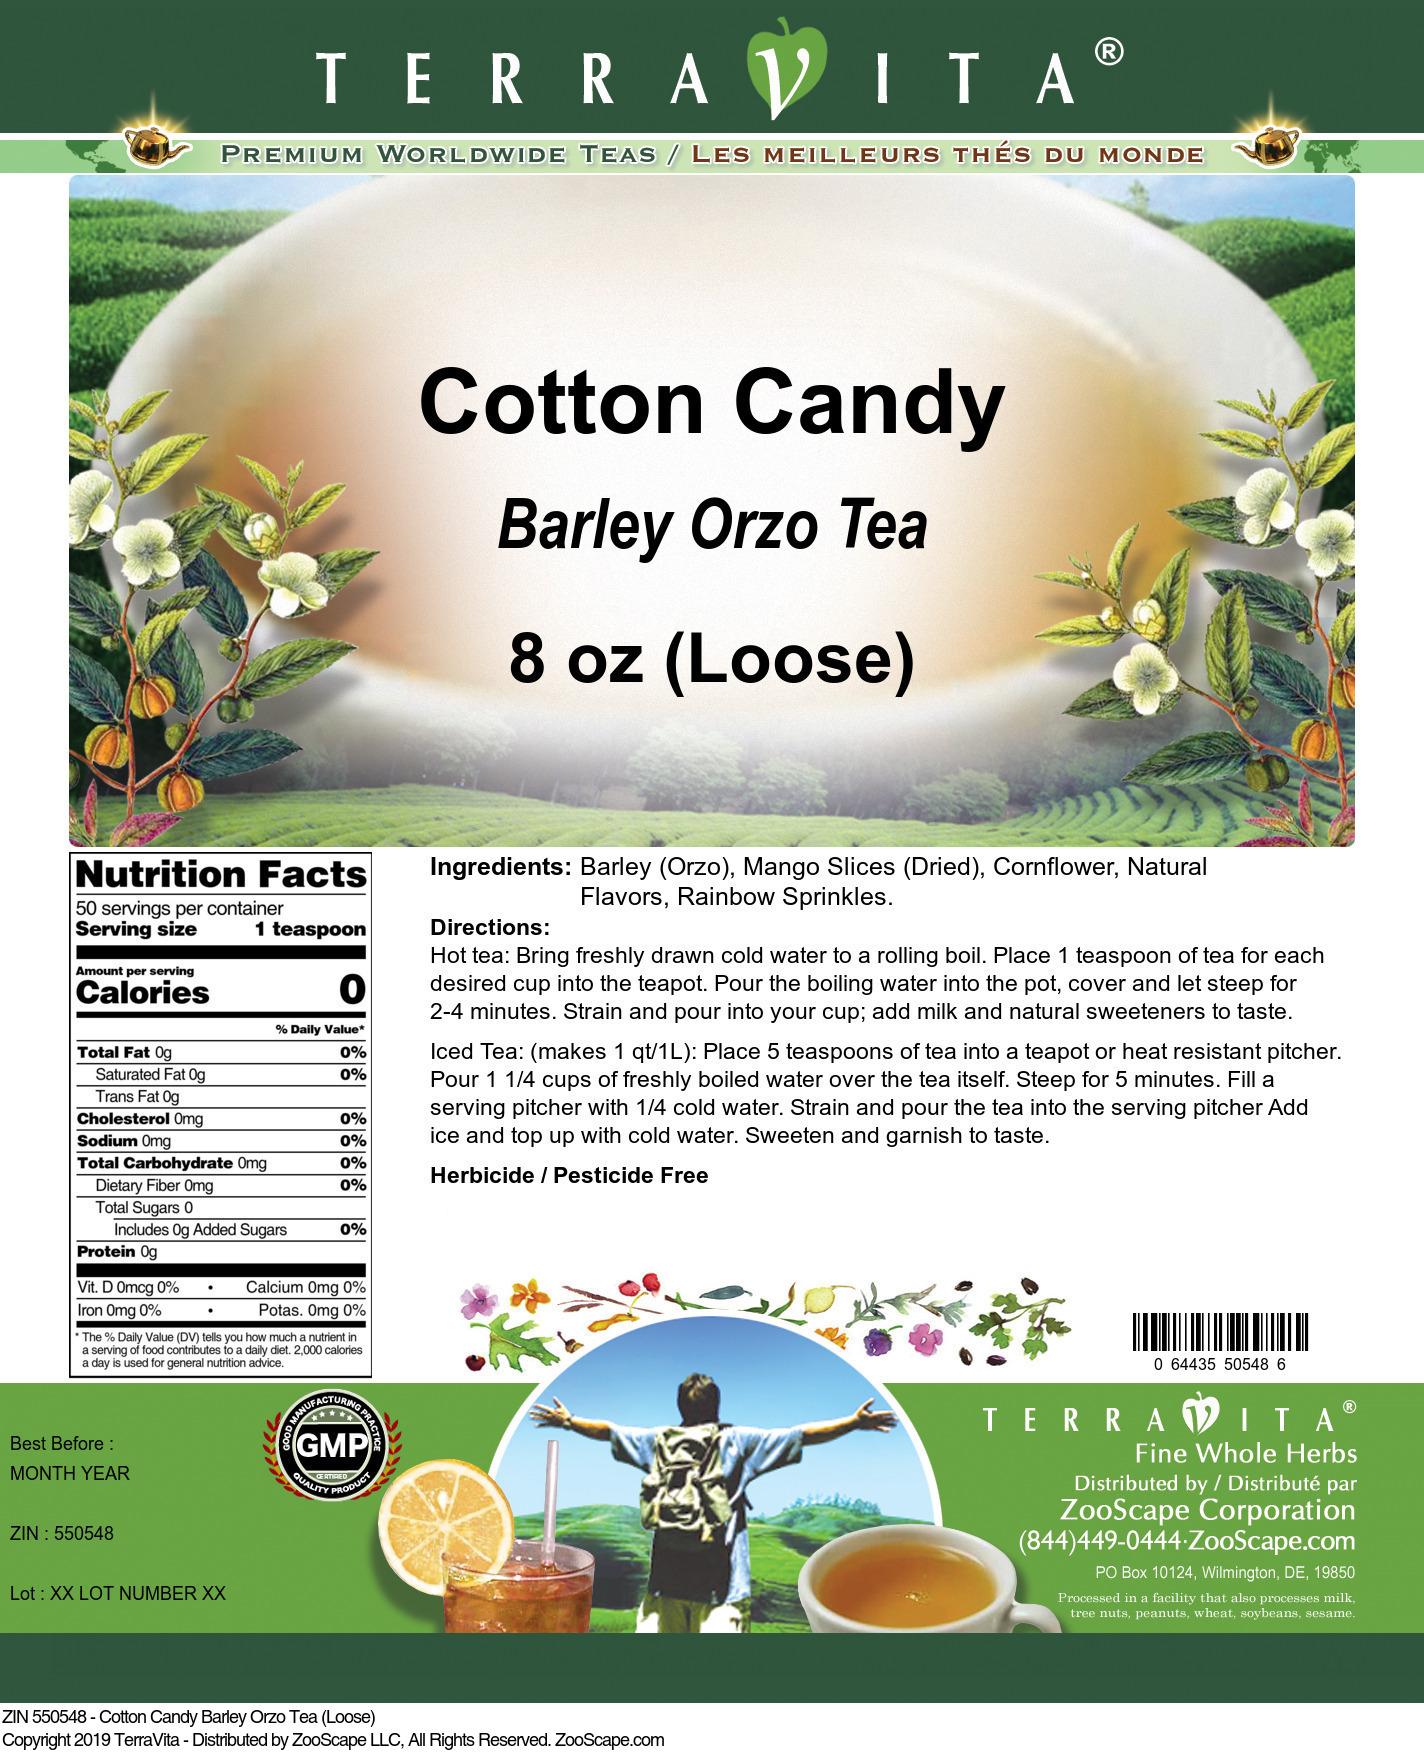 Cotton Candy Barley Orzo Tea (Loose)